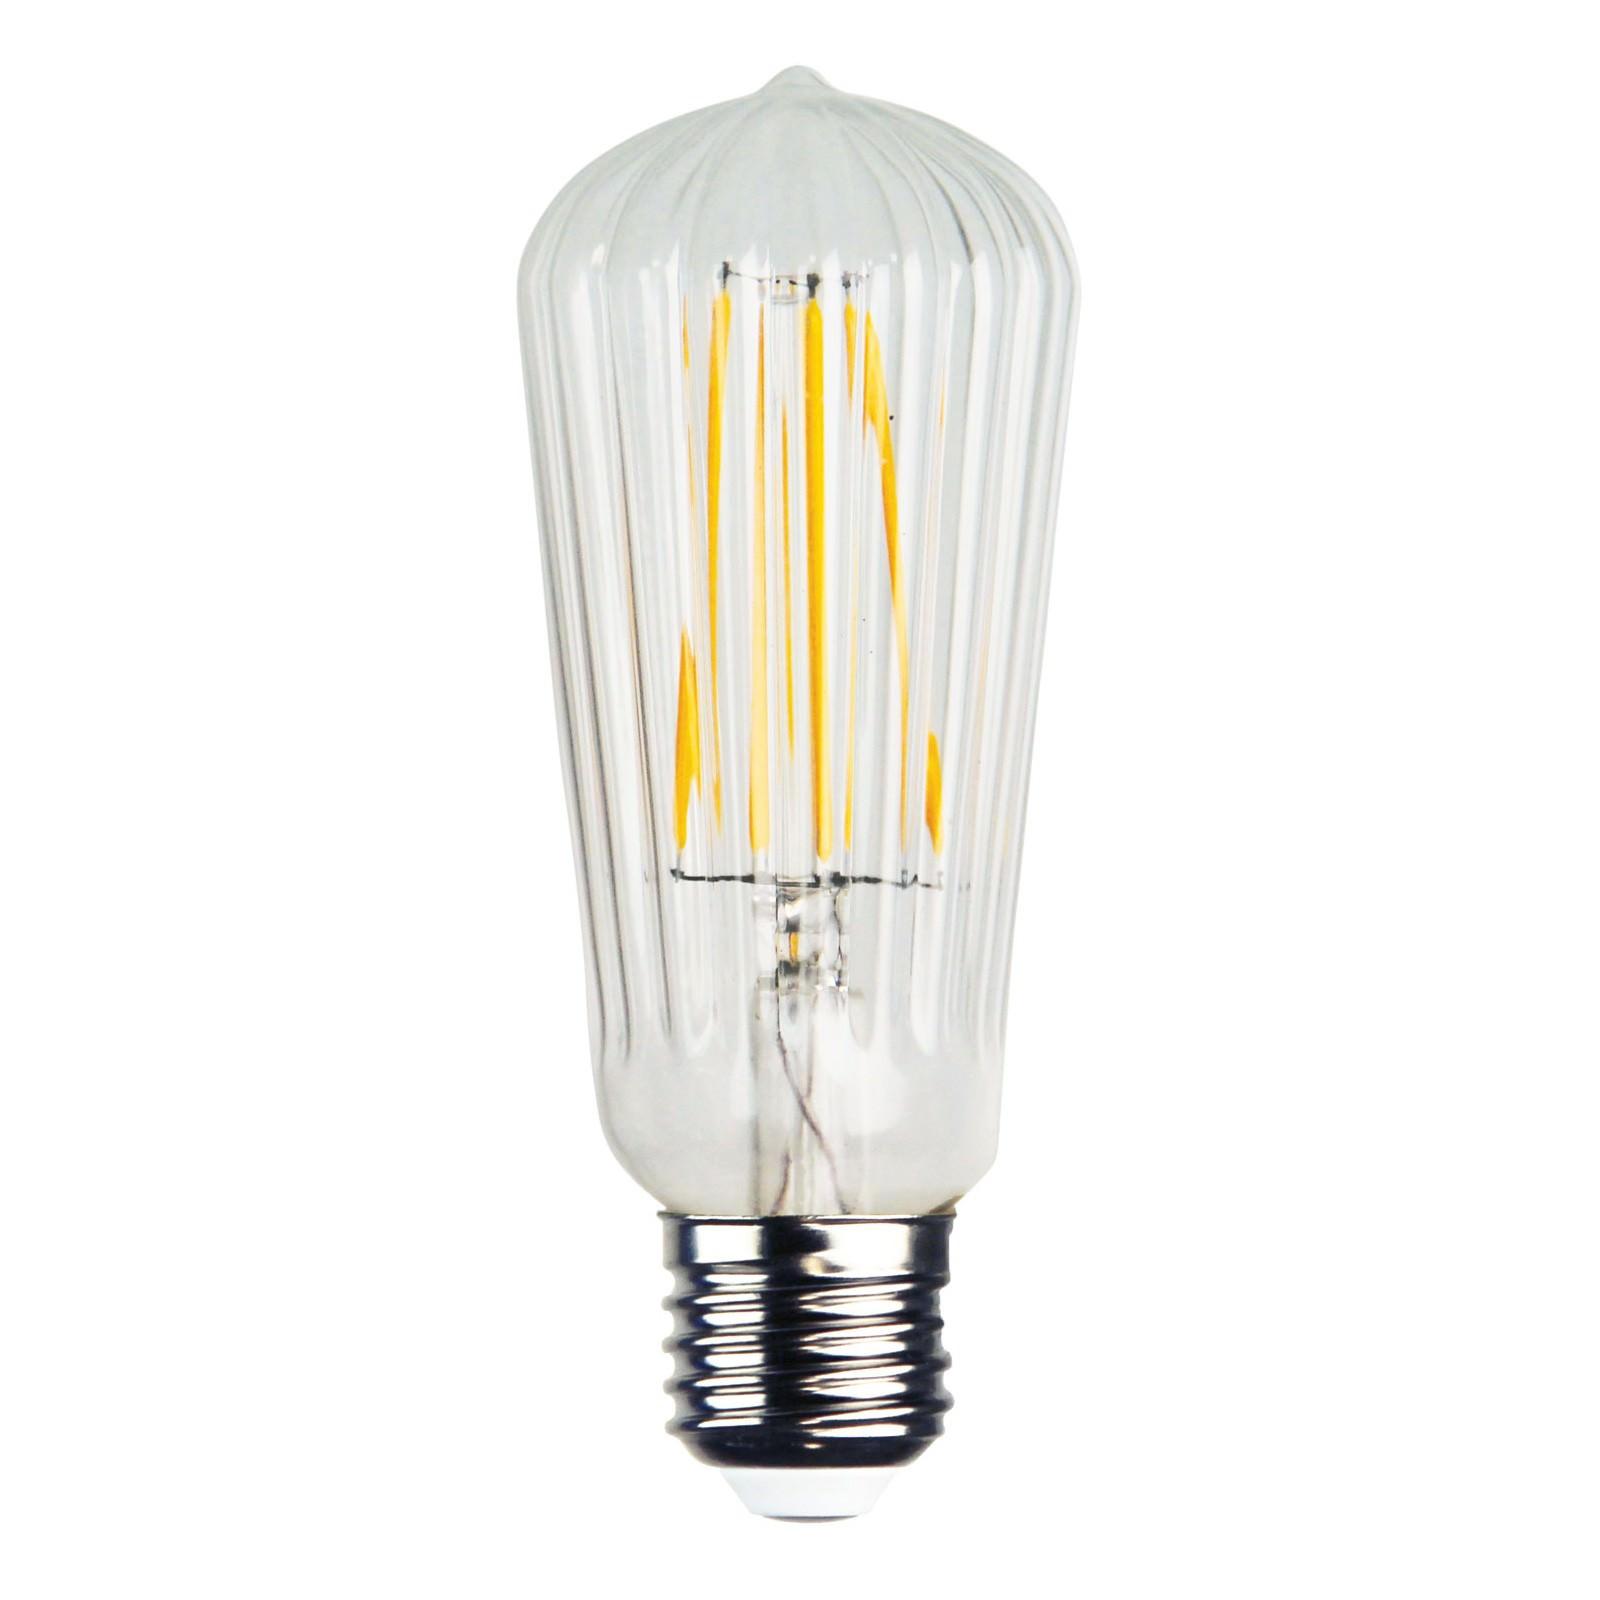 Allume Ribbed LED Filament Globe, E27, 2200K, ST64 Shape